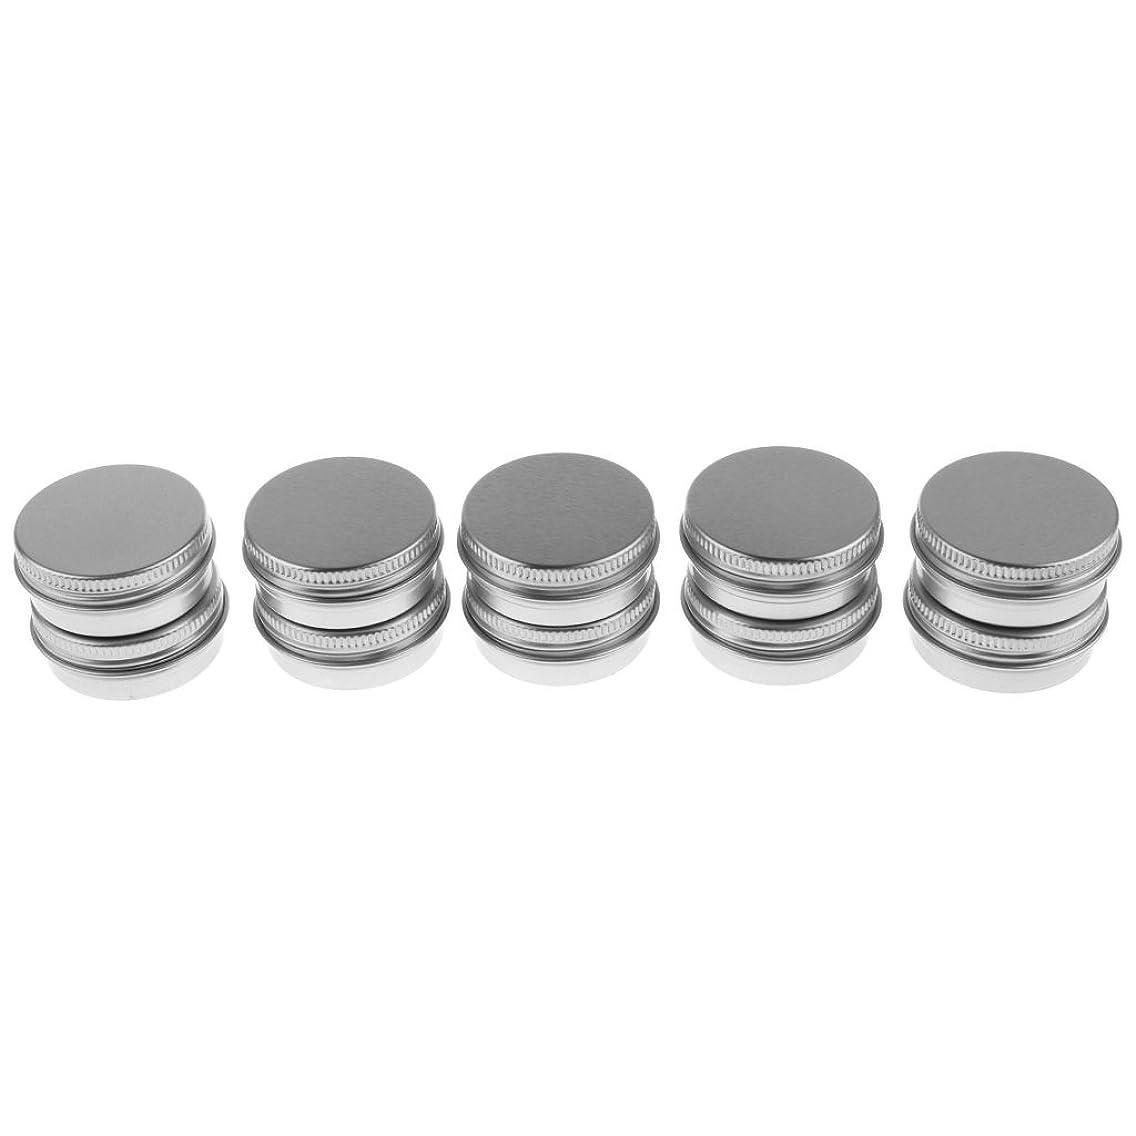 野望流体オートメーションSONONIA 10個 15g 化粧品用 空 瓶 クリーム 缶 容器 缶ケース 蓋付き